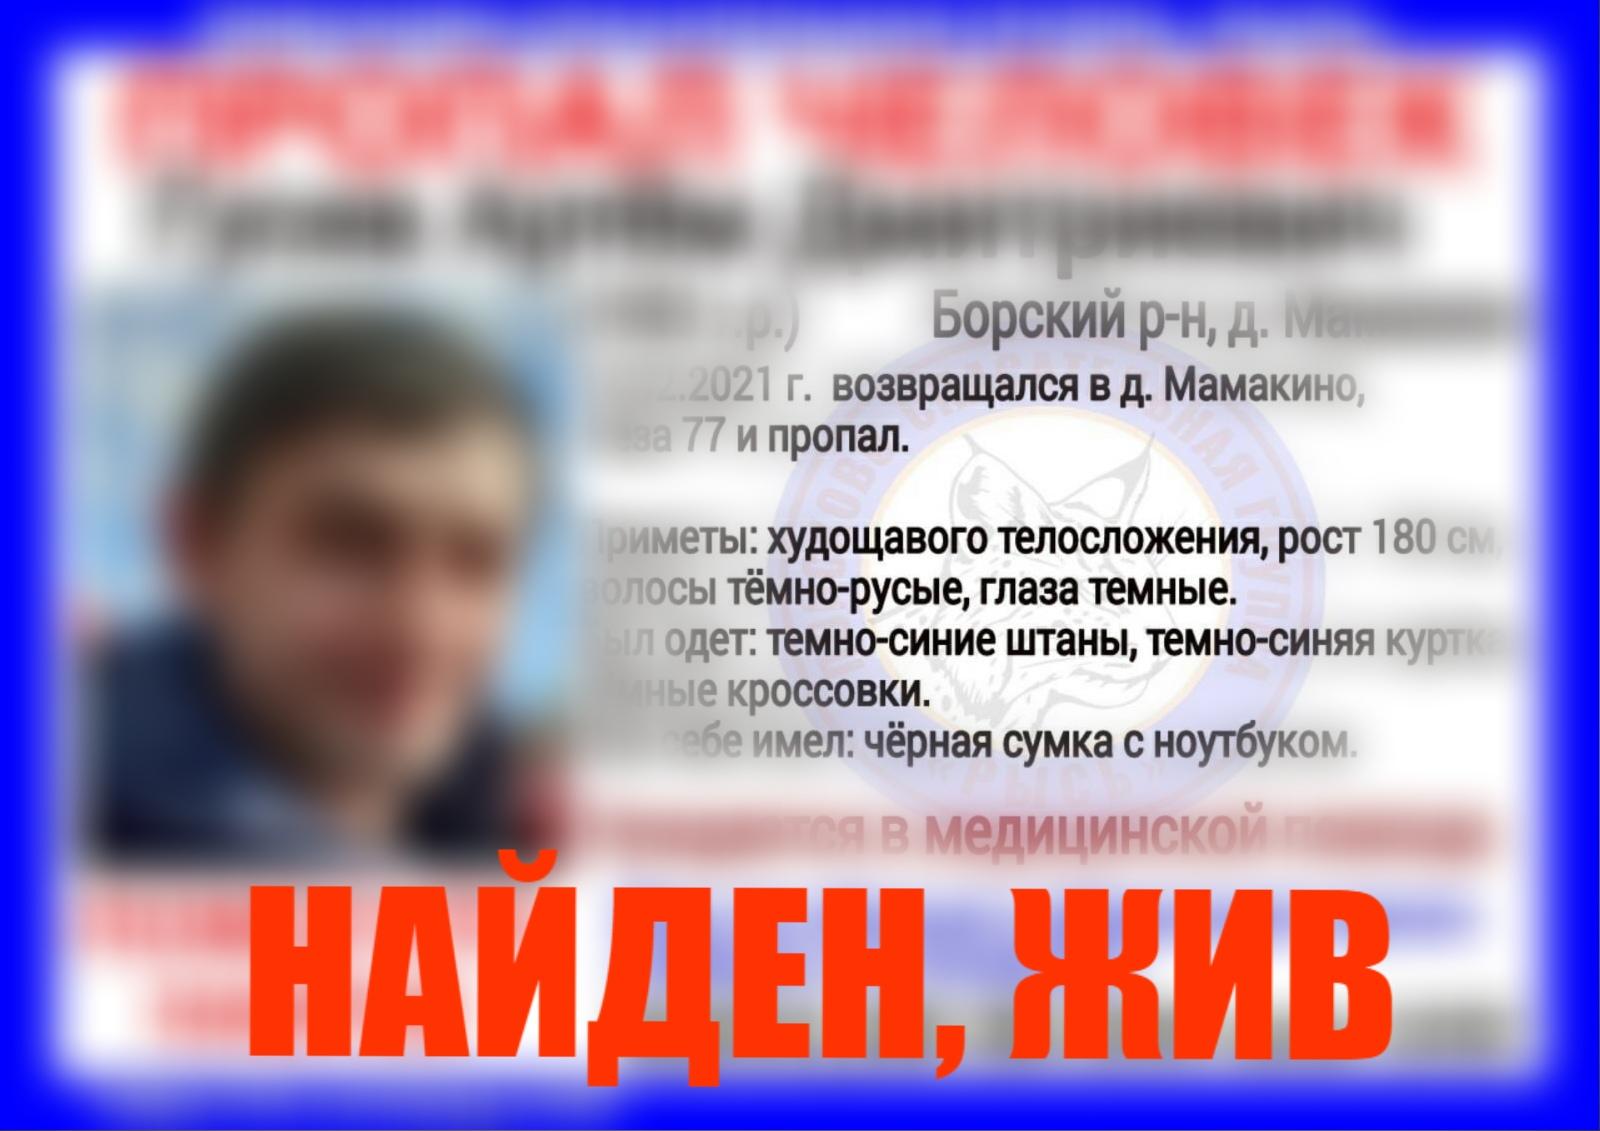 Гусев Артём Дмитриевич, 1993 г.р., Борский р-н, д. Мамакино